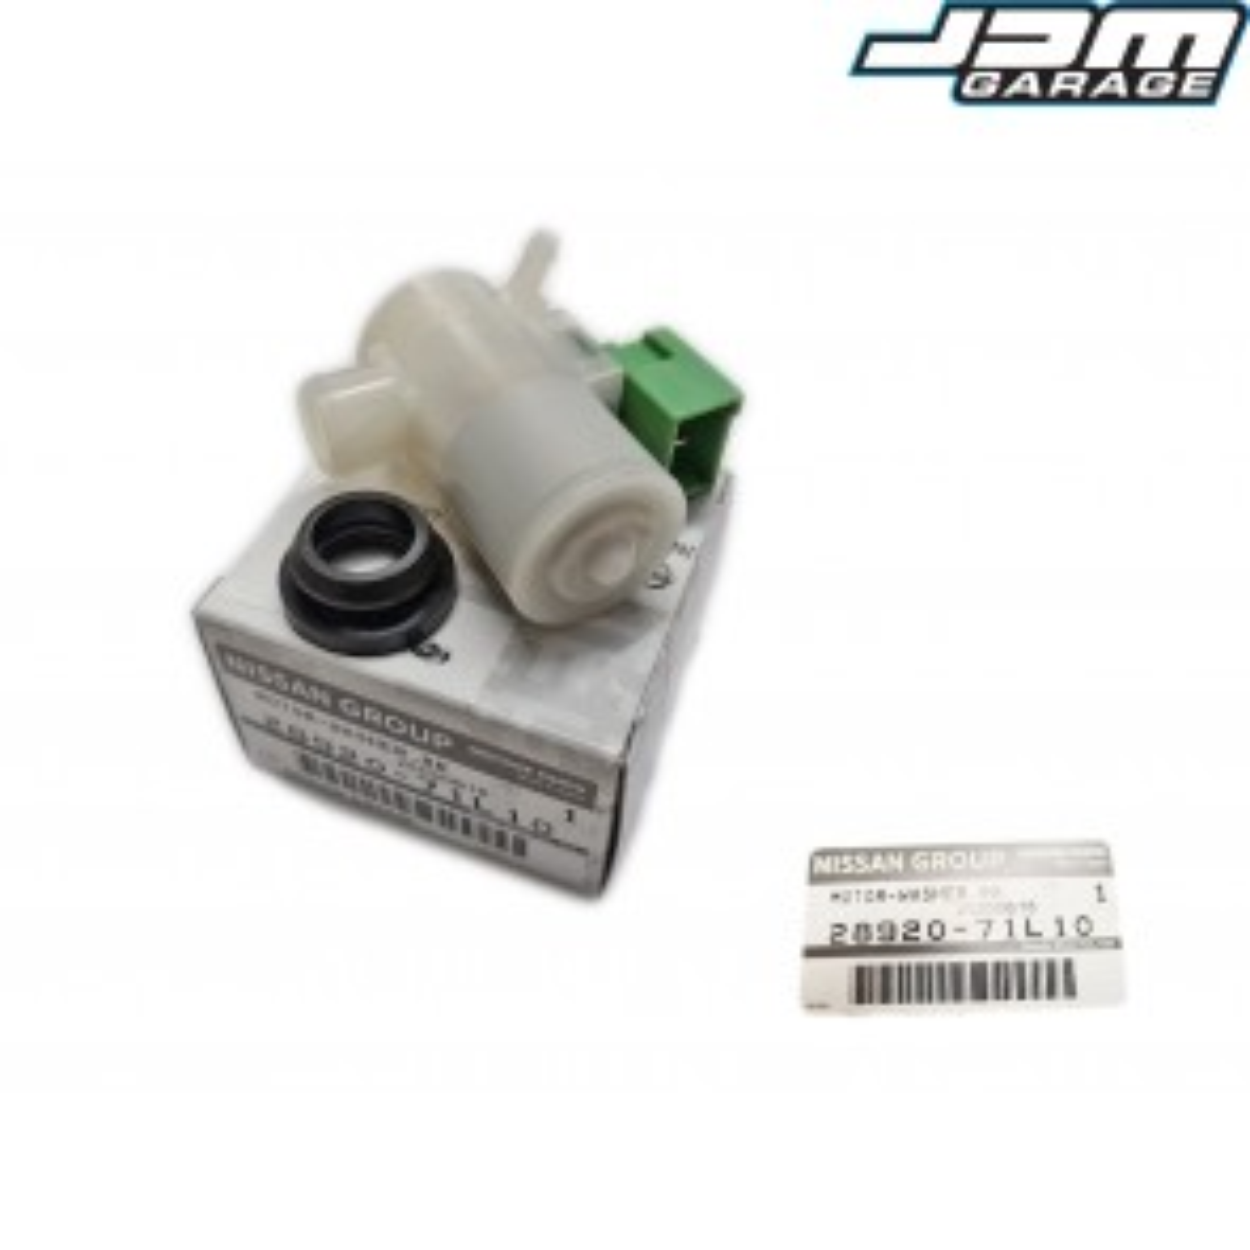 Genuine Nissan Rear Washer Motor For Cefiro A31 Skyline R32 R33 R34 28920-71L10